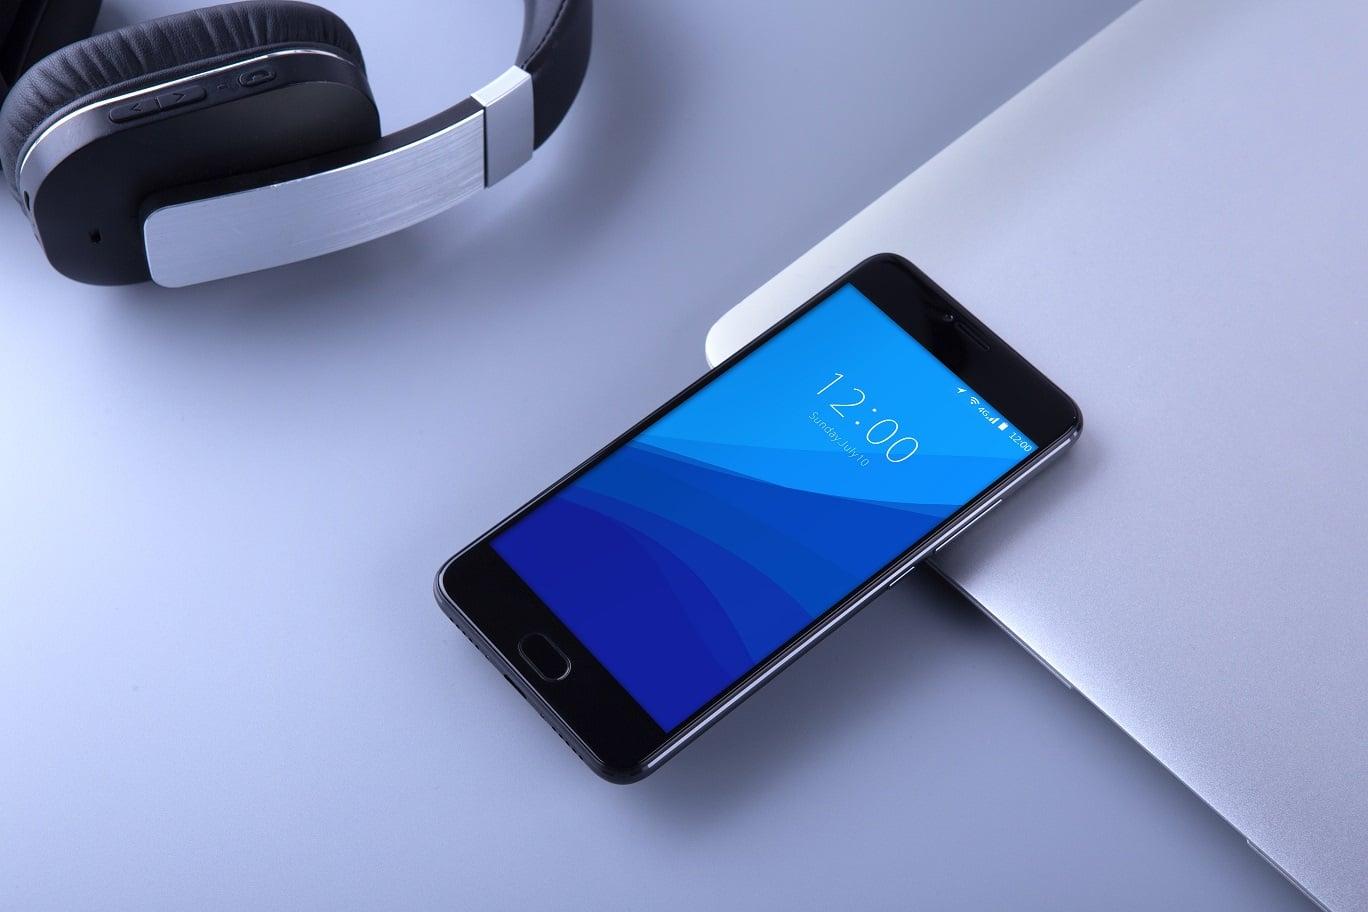 Tabletowo.pl UMIDIGI przywiozło do Barcelony nowy model - Z Pro z podwójnym aparatem 13 Mpix Android Chińskie MWC 2017 Nowości Smartfony